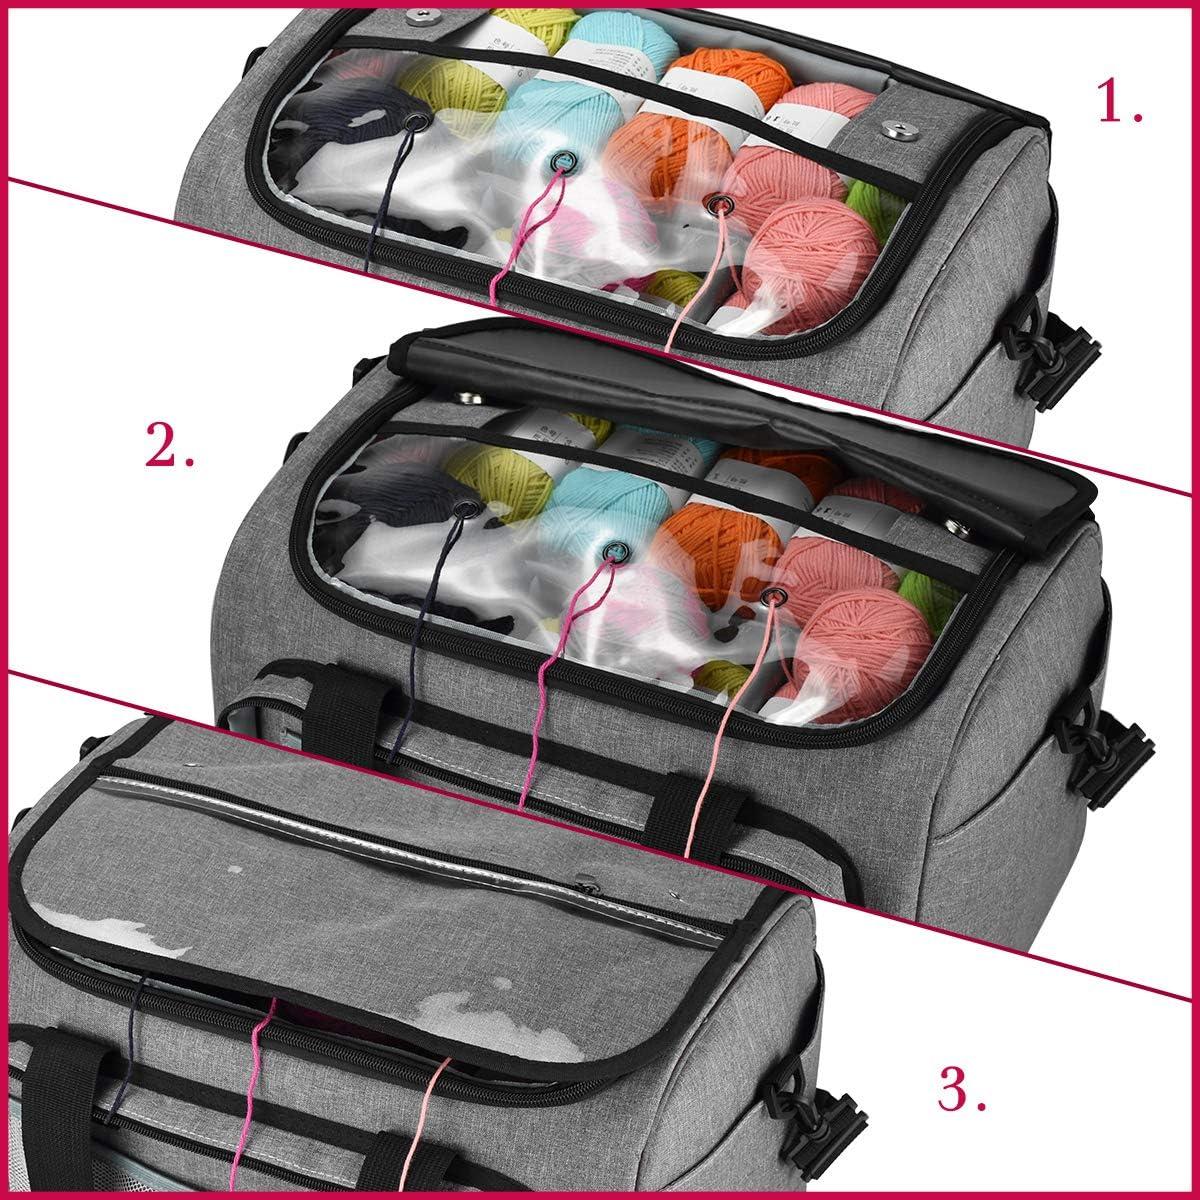 Grau kein Zubeh/ör enthalten die geeignet zum Transportieren von Strick-//H/äkeln wolle ist und Taschen f/ür Zubeh/ör Sch/ützen und lagern Sie Ihr Garn H/äkel Tasche Katech Aufbewahrungstasche f/ür Wolle